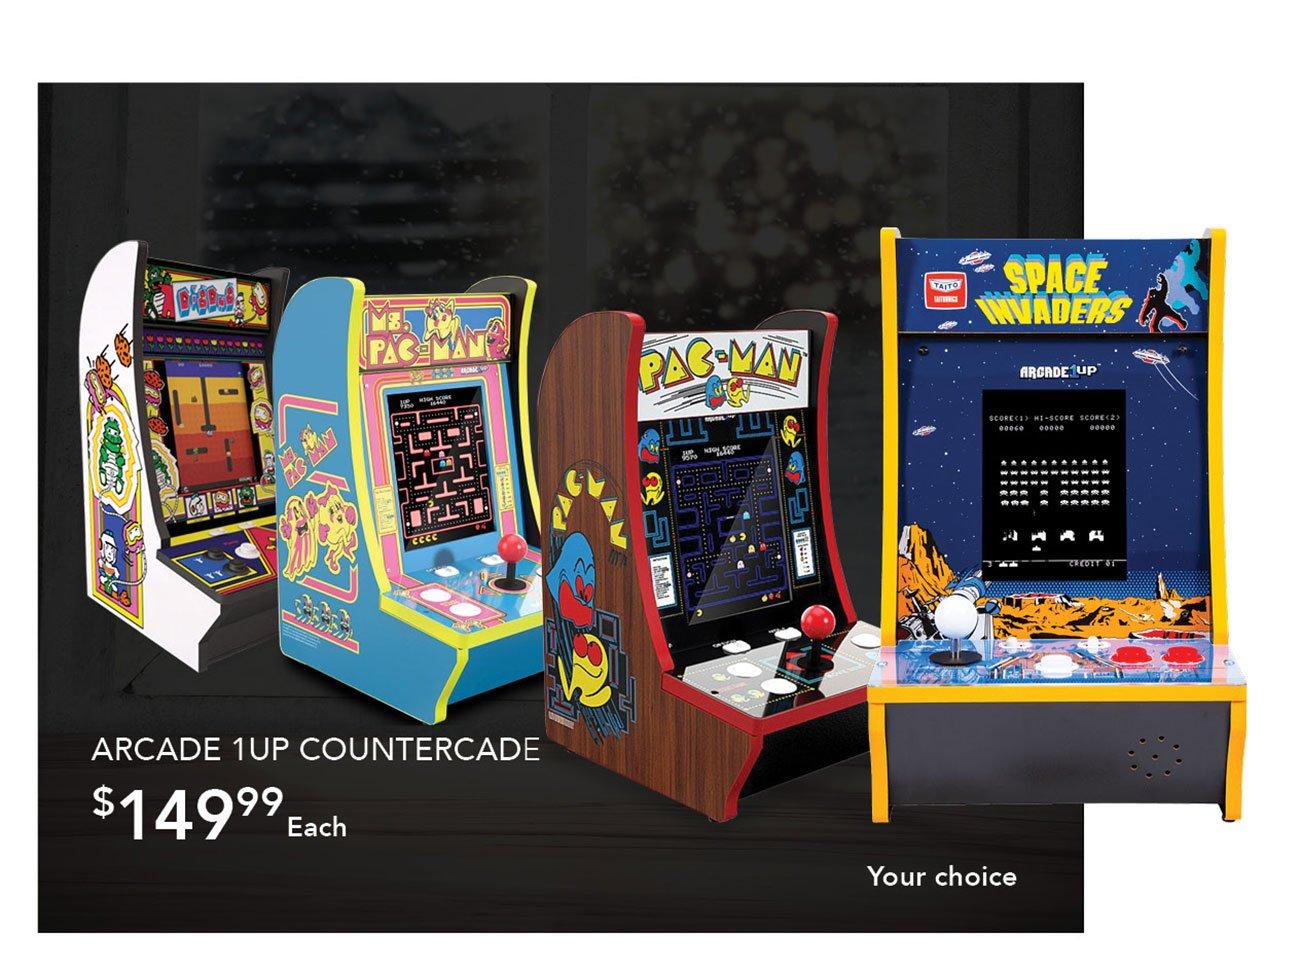 Arcade-1up-countercade